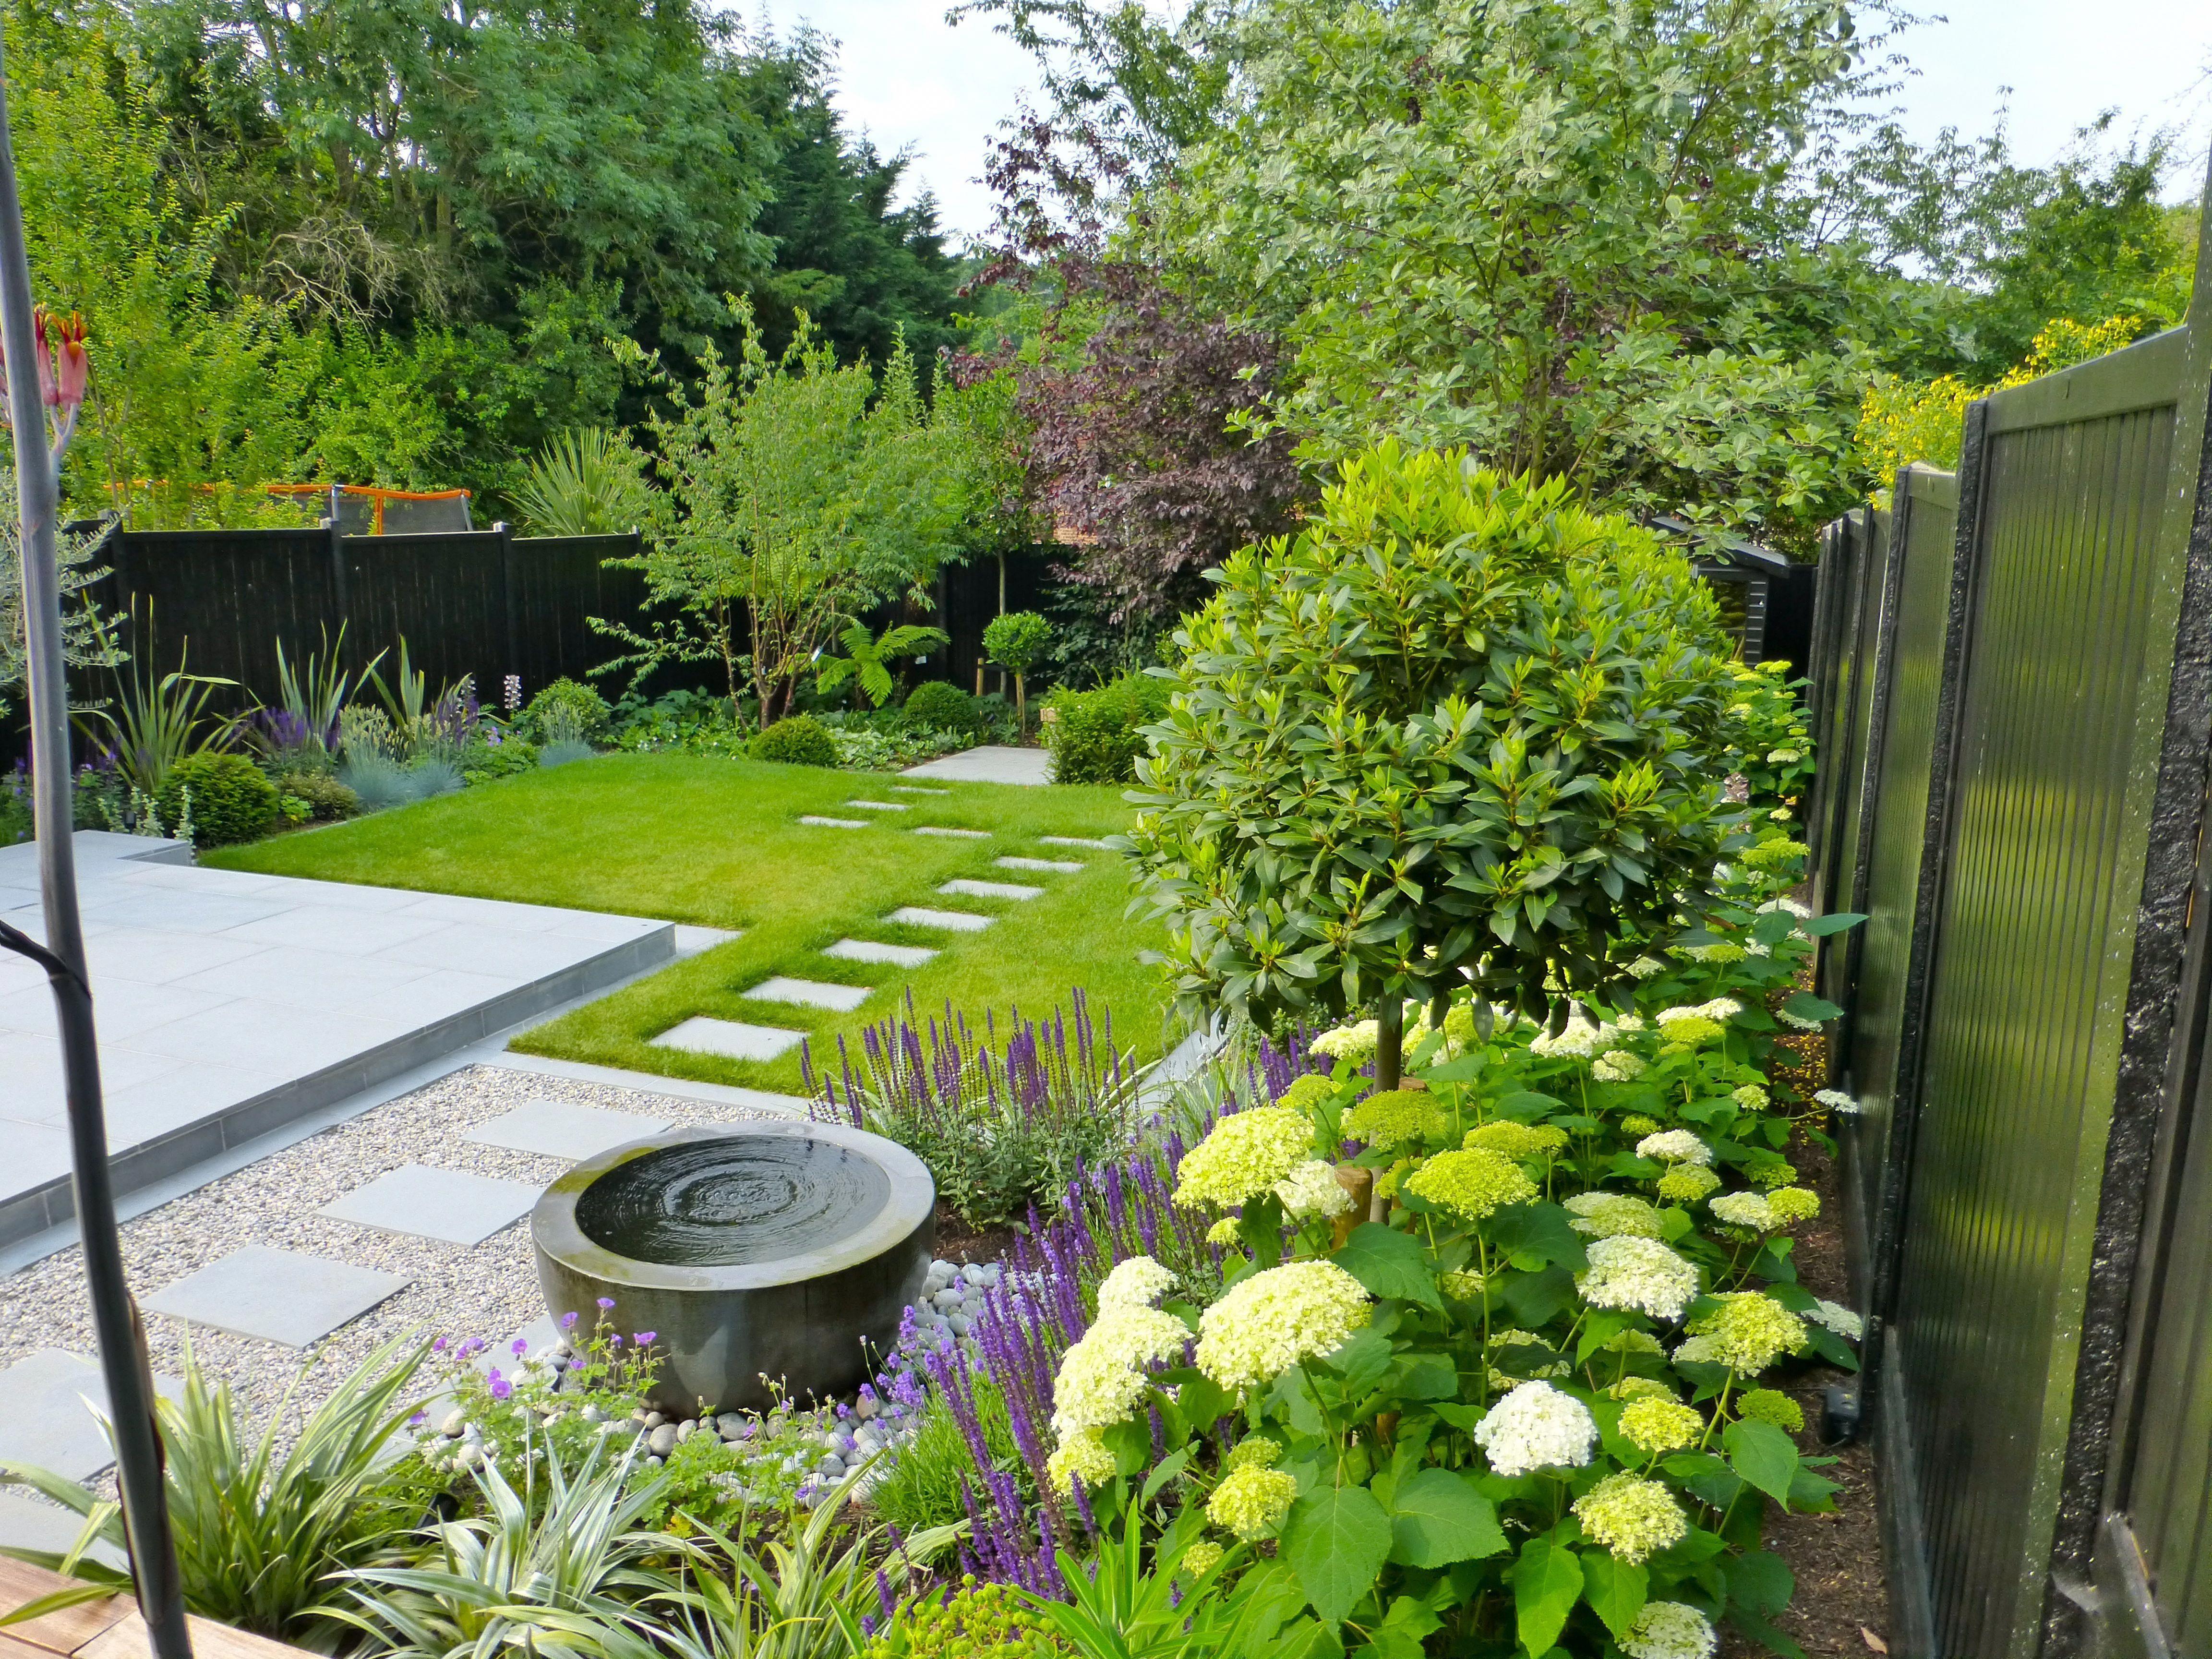 Contemporary Landscape Design Ideas Small Garden Design Contemporary Garden Backyard Landscaping Designs